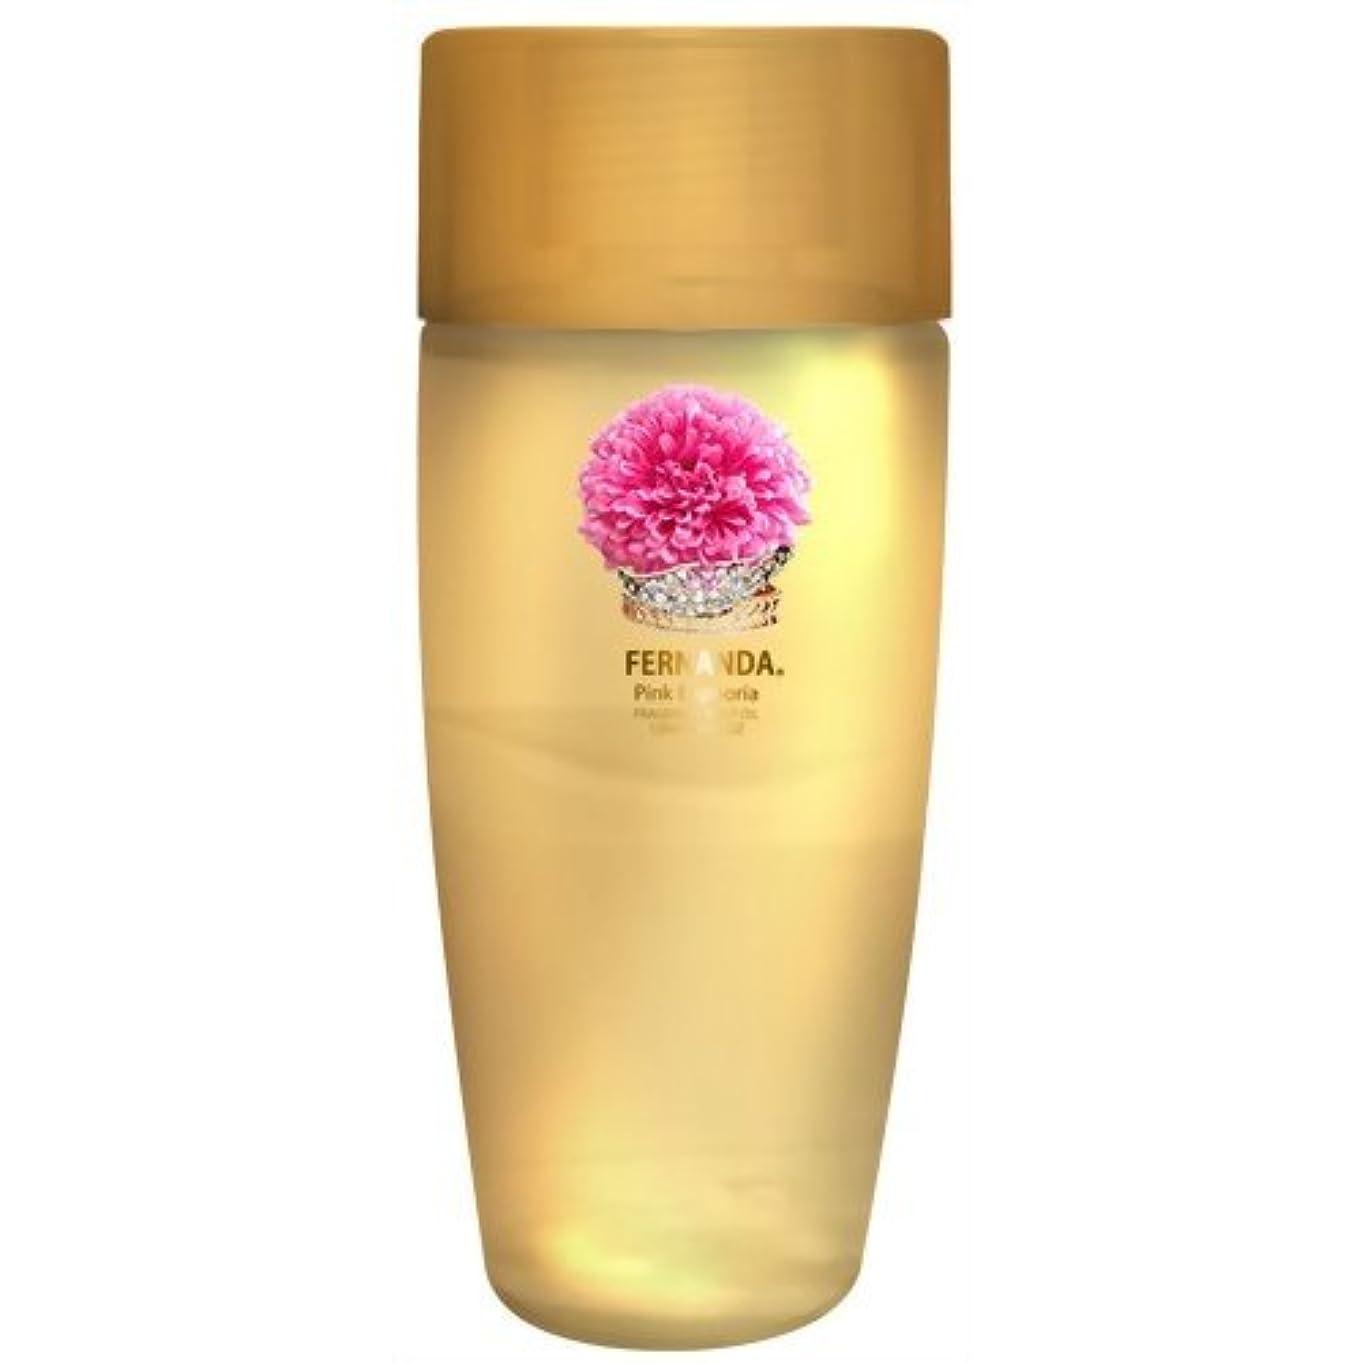 陽気な恒久的一緒にFERNANDA(フェルナンダ) Body Oil Pink Euphoria (ボディ オイル ピンクエウフォリア)